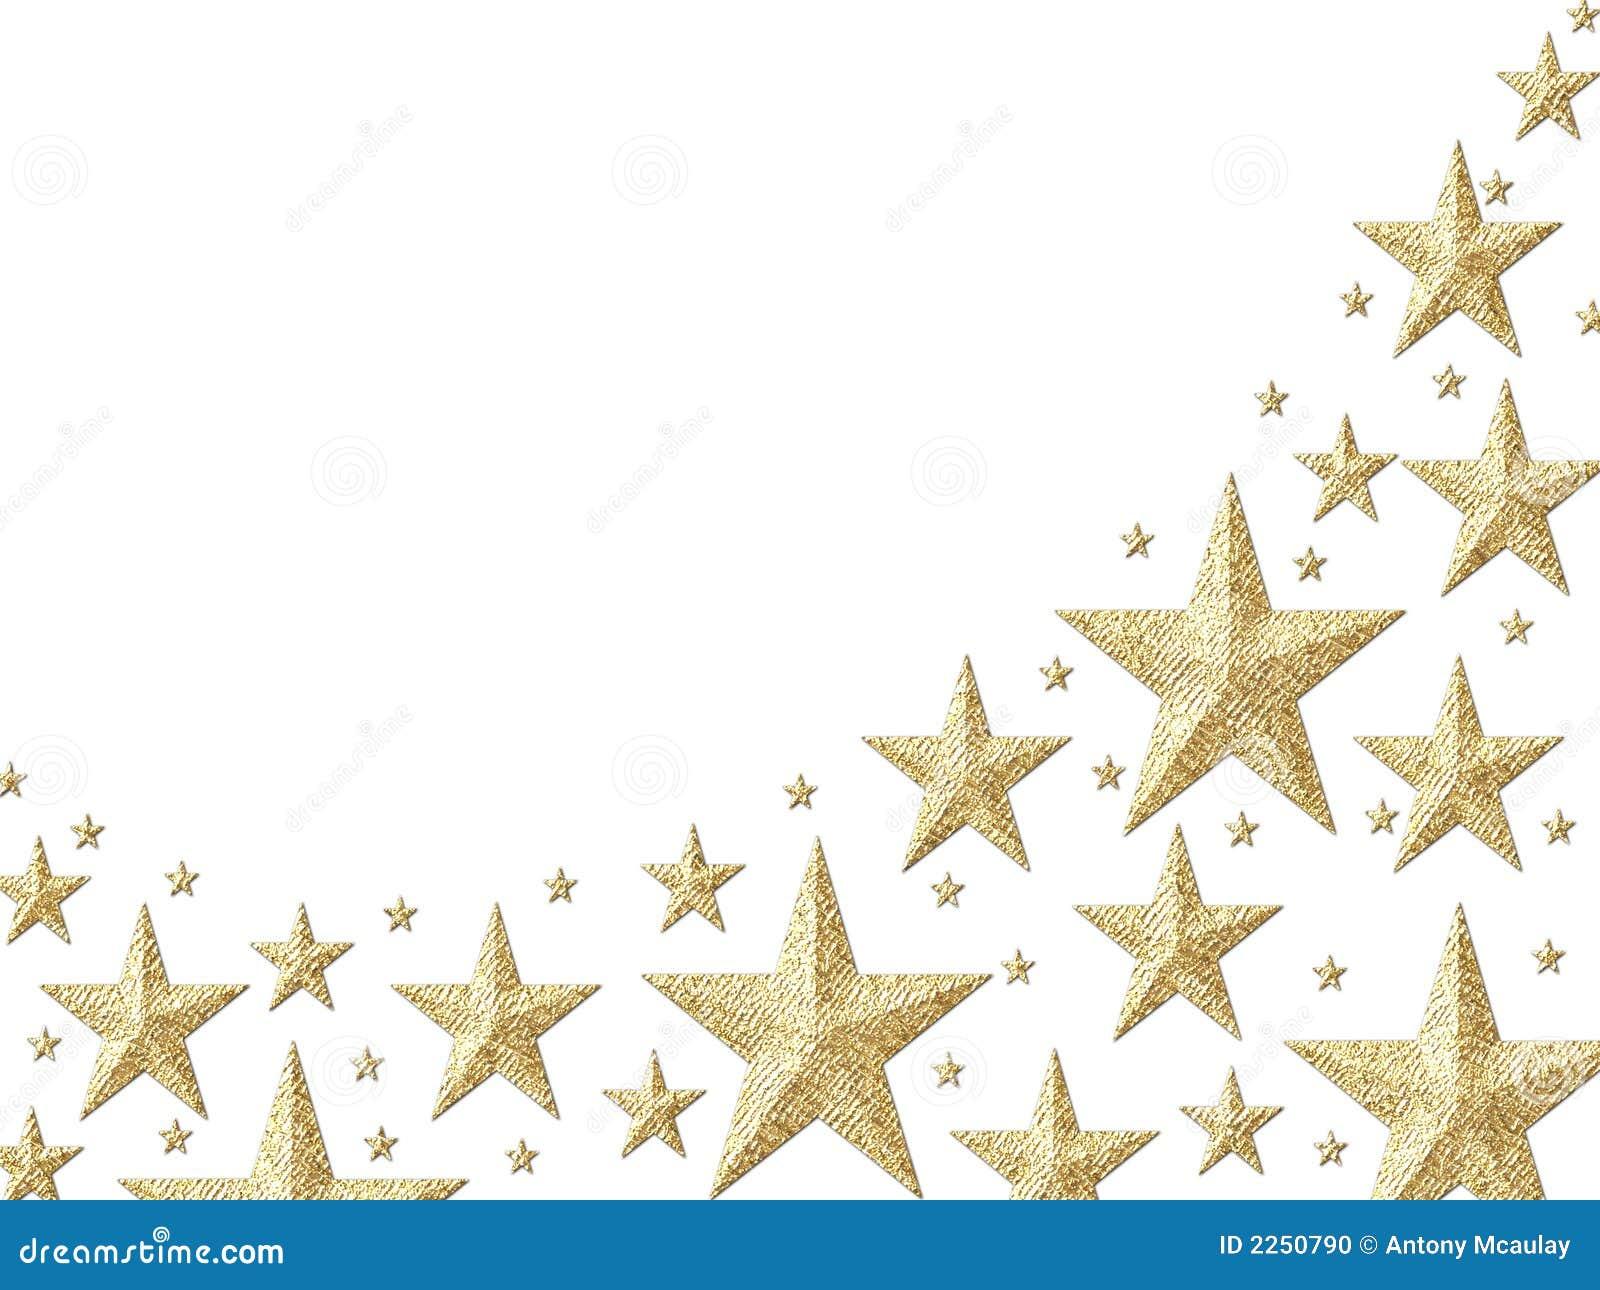 Carta da parati stellata della stagnola di oro for Carta da parati damascata oro